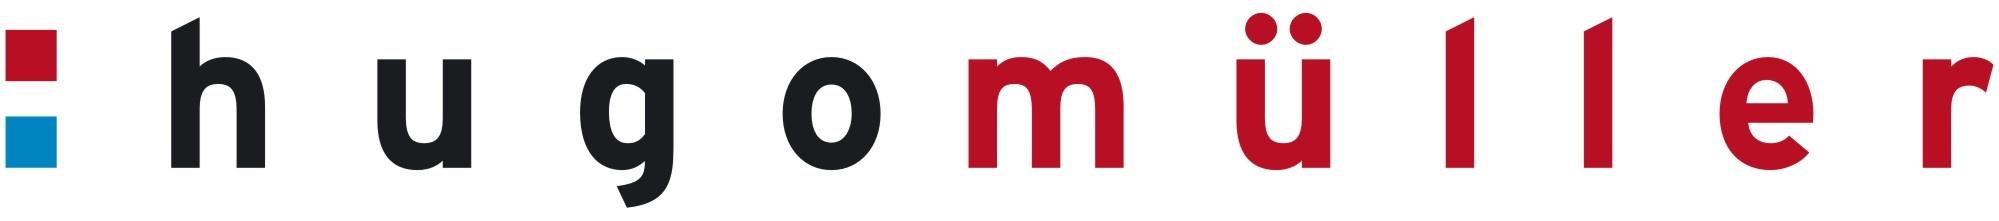 Hugo mueller logo